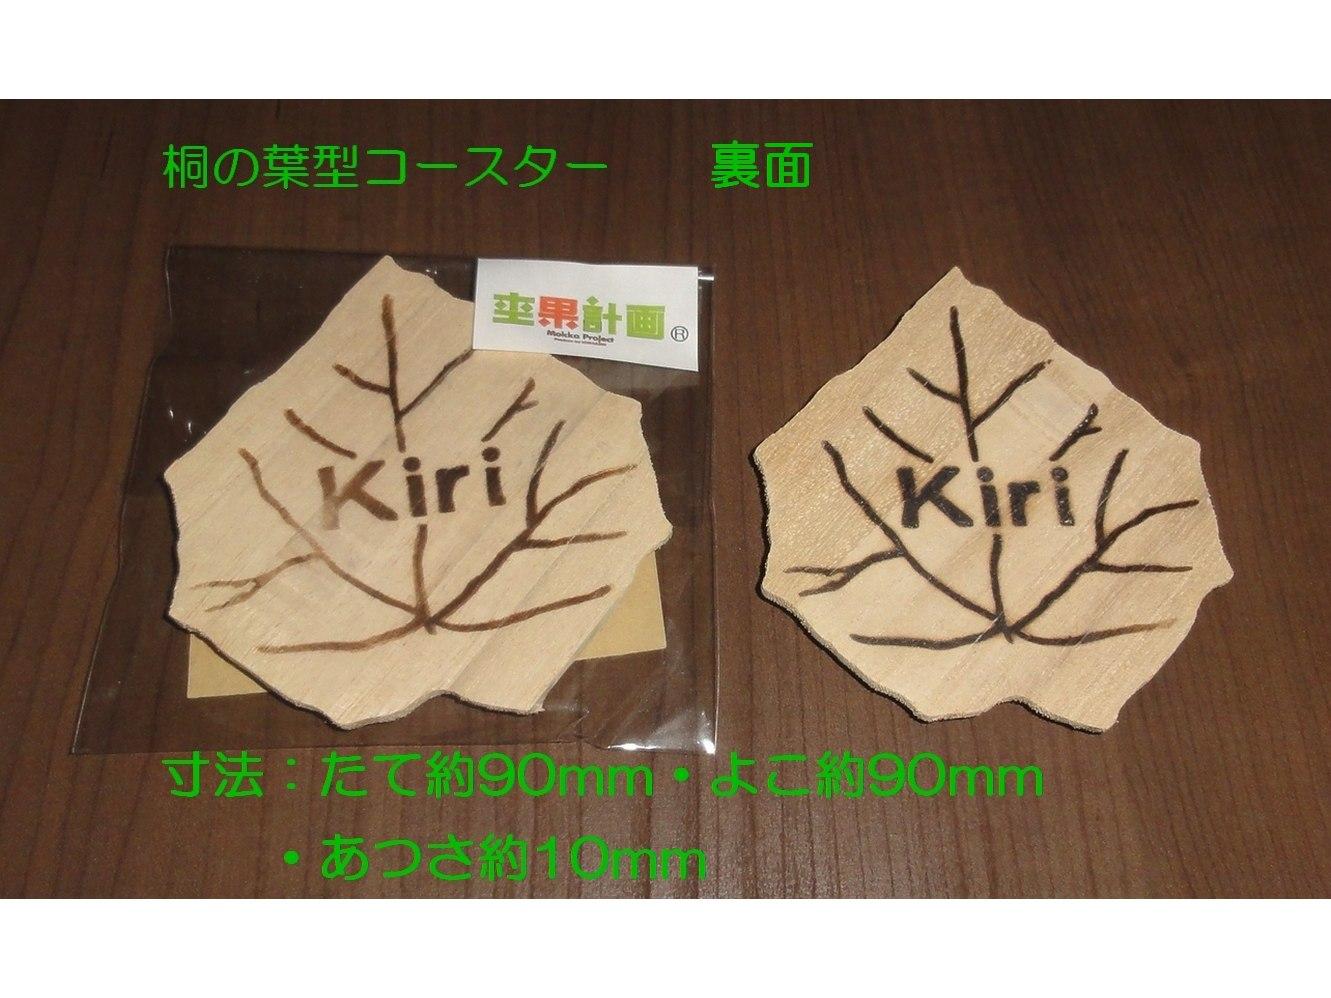 桐の葉コースター(5枚入り)